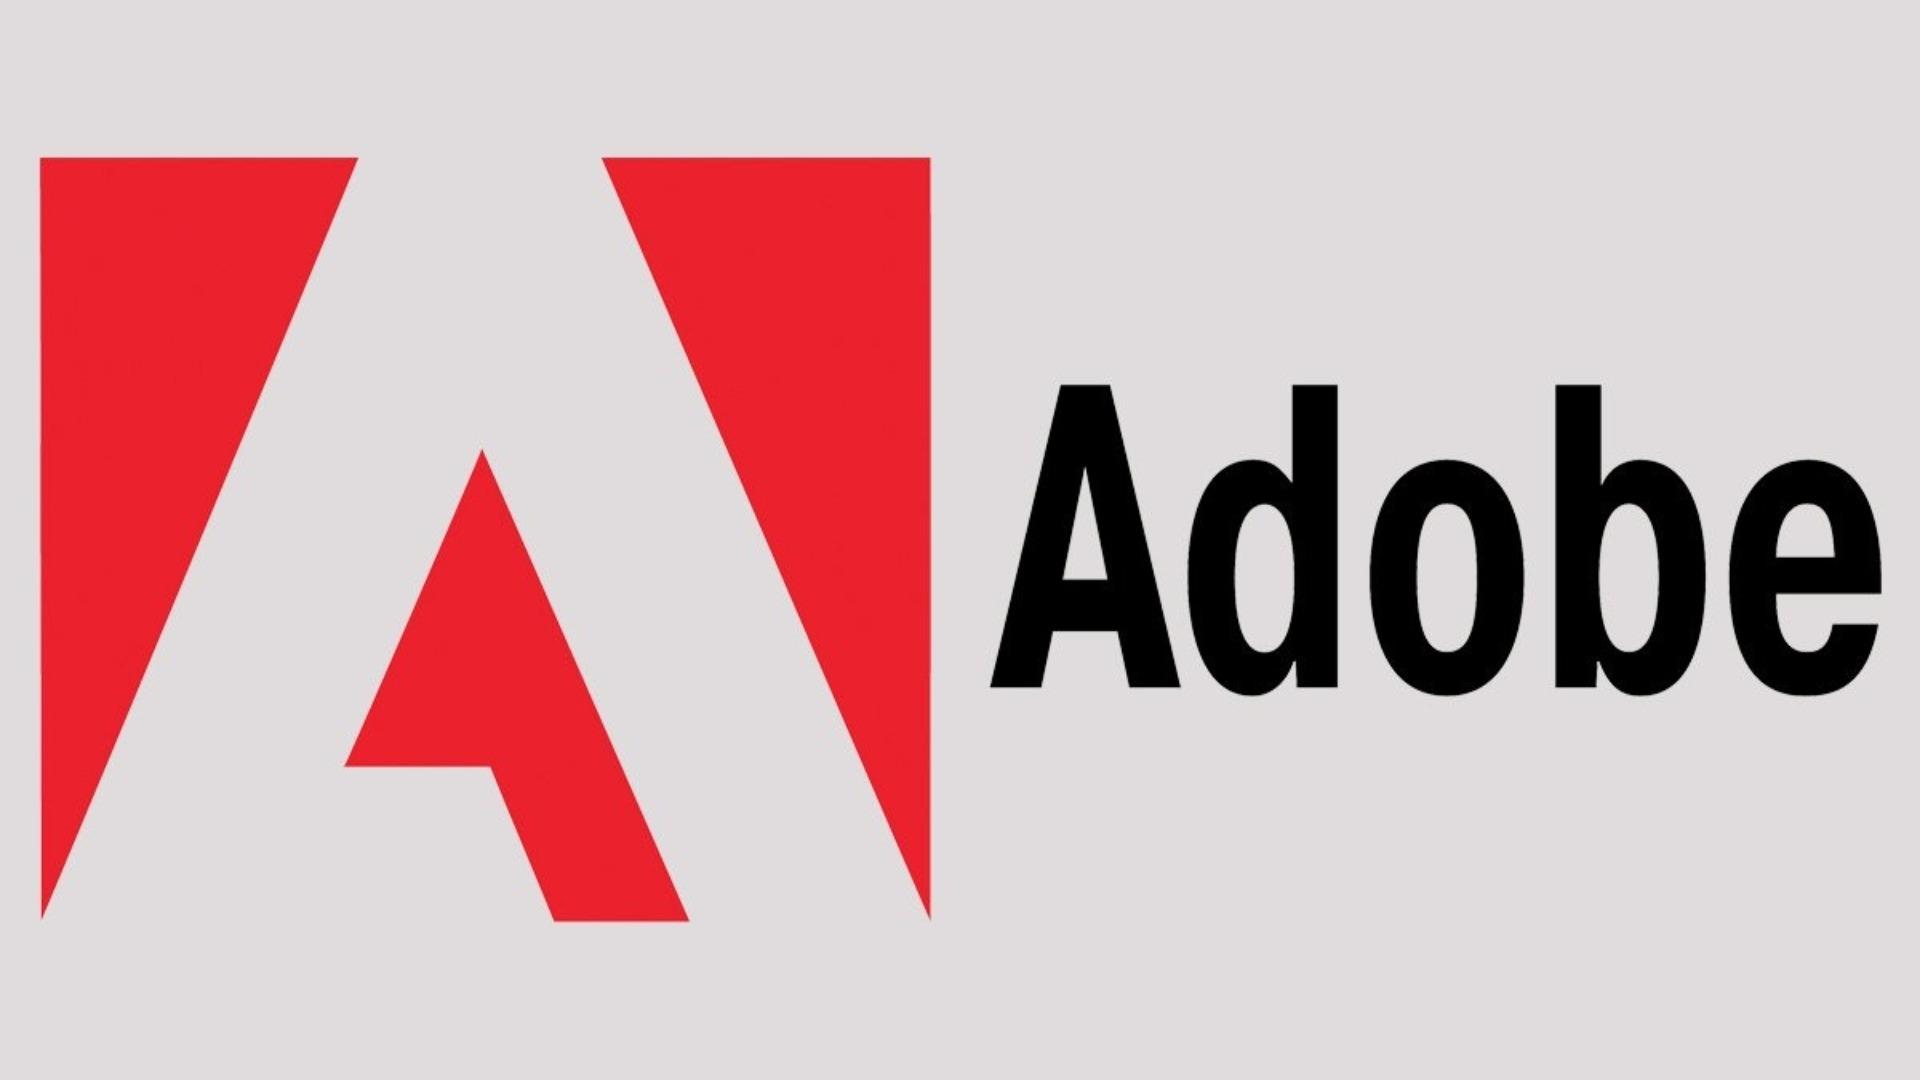 Adobe continuará ofreciendo productos y servicios en Venezuela gracias a una licencia emitida por EEUU